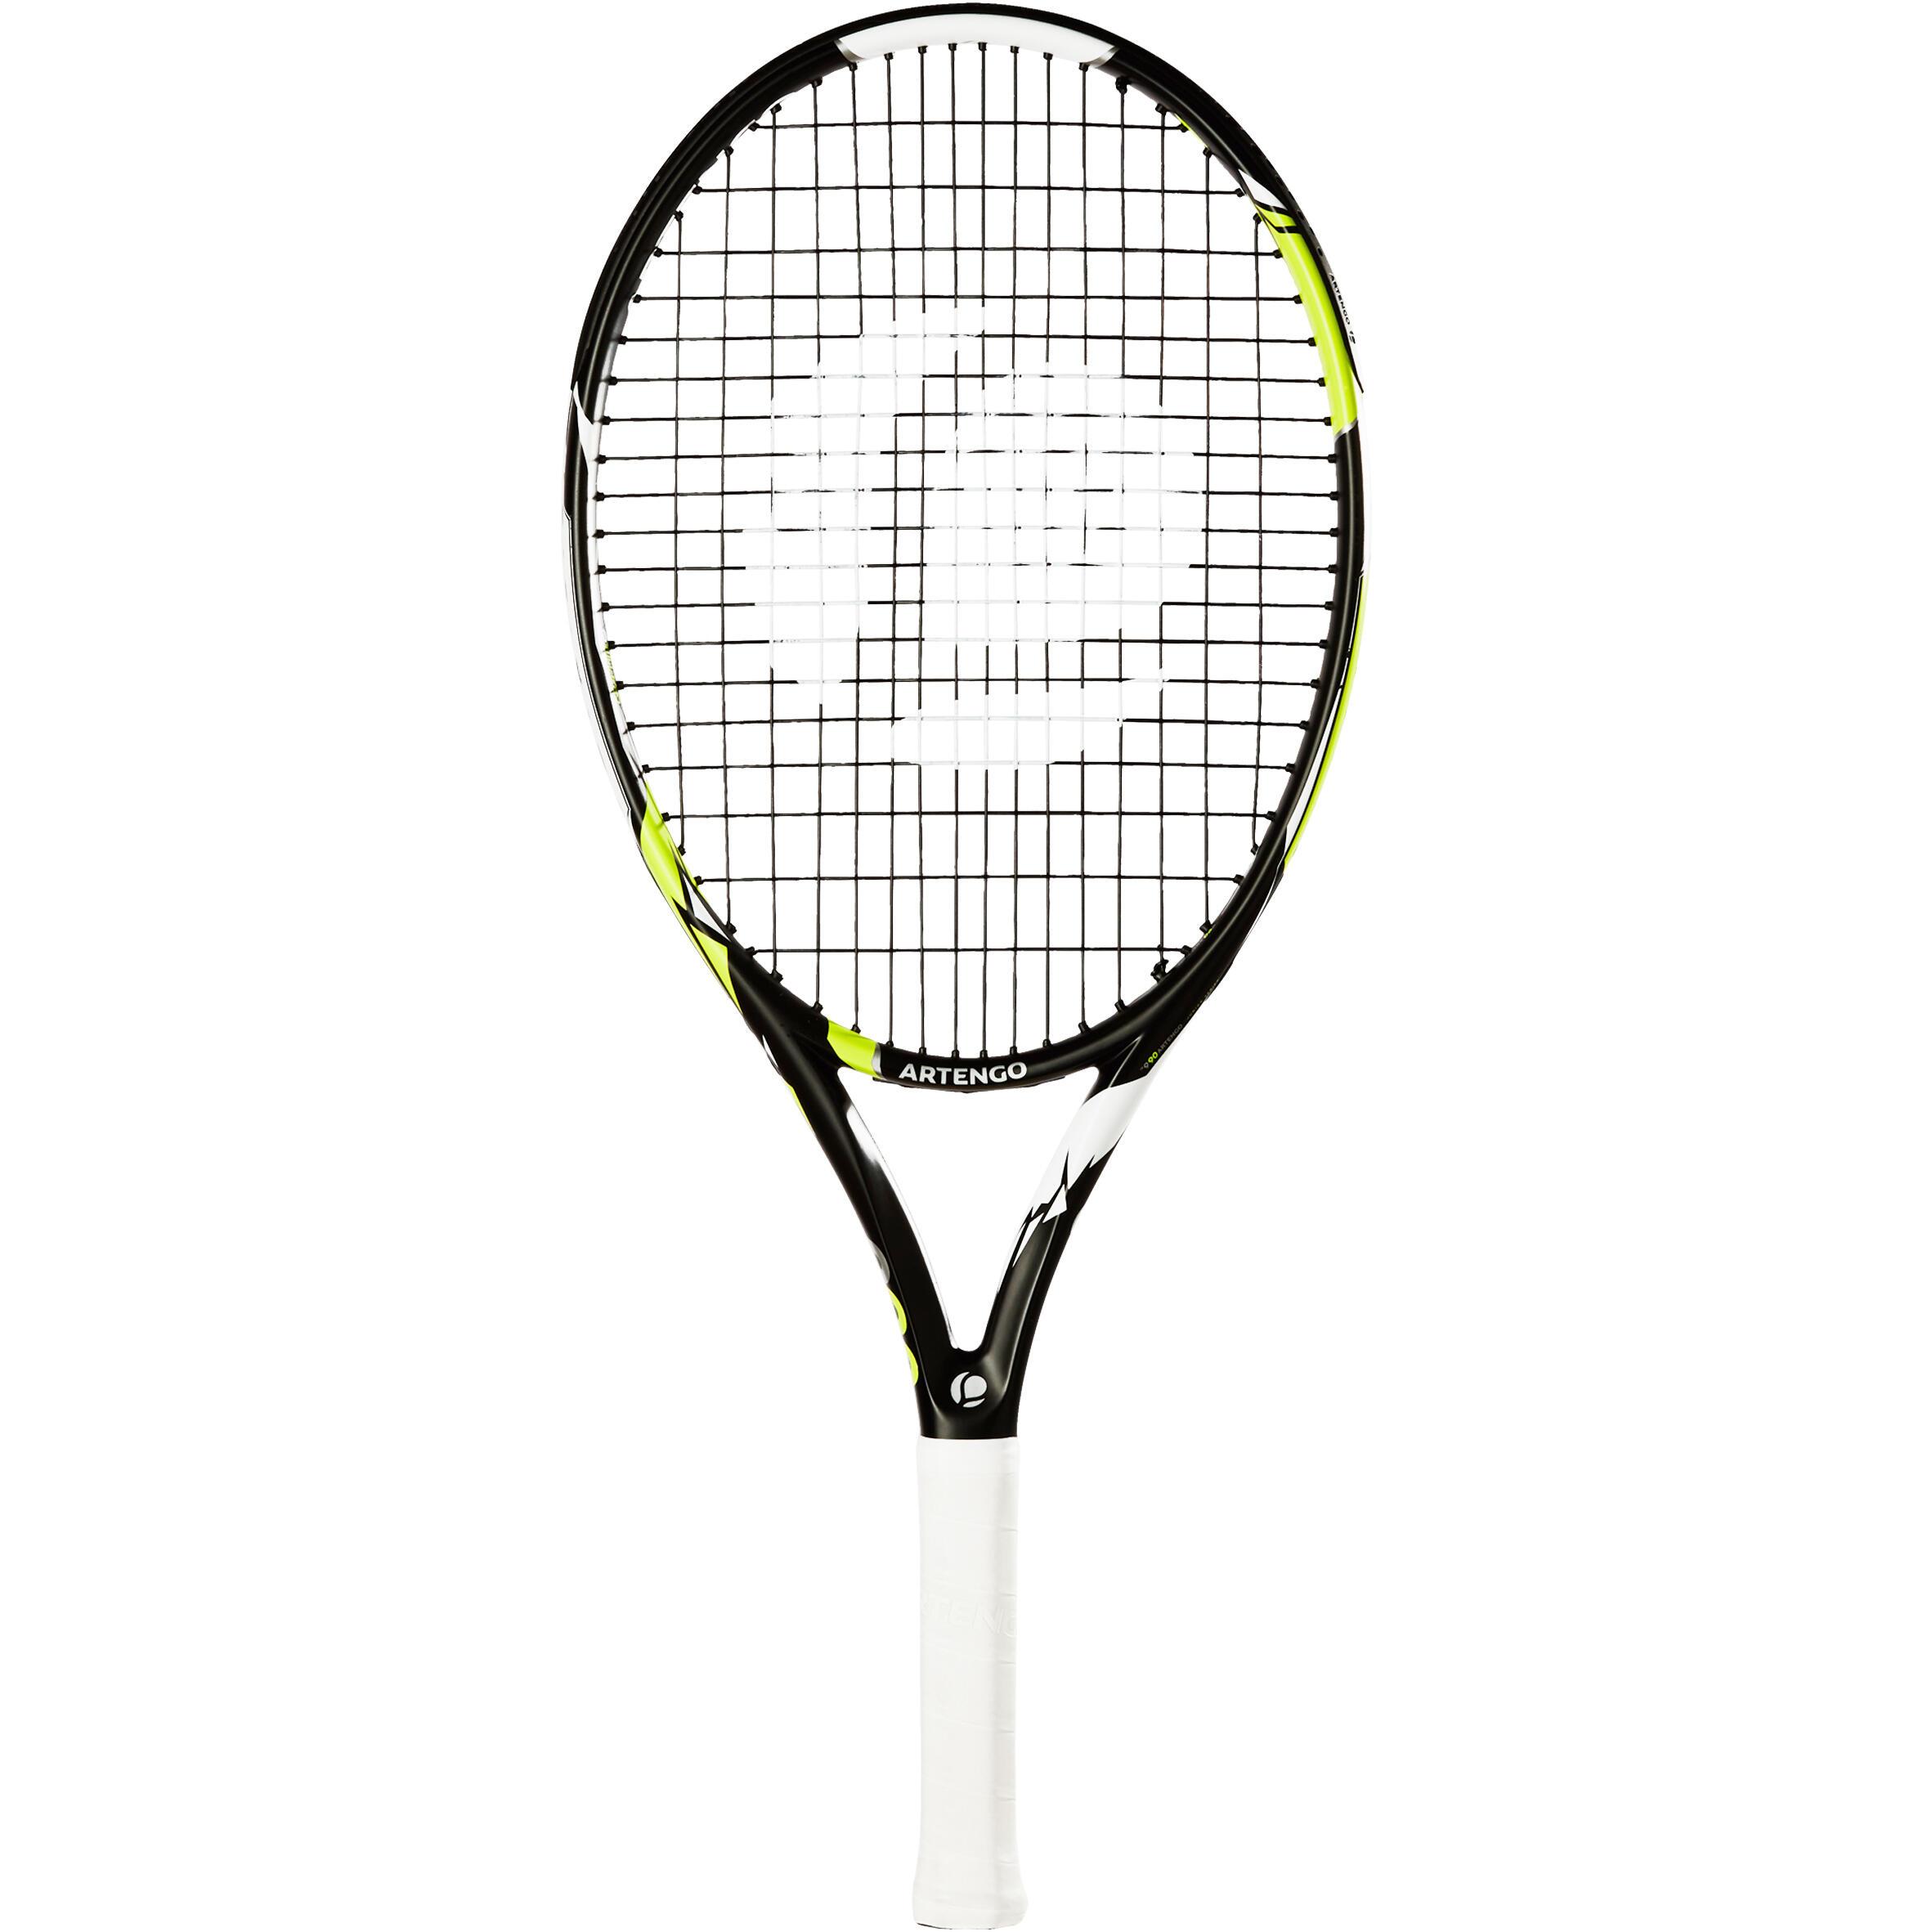 Artengo Tennisracket KD TR 990 25